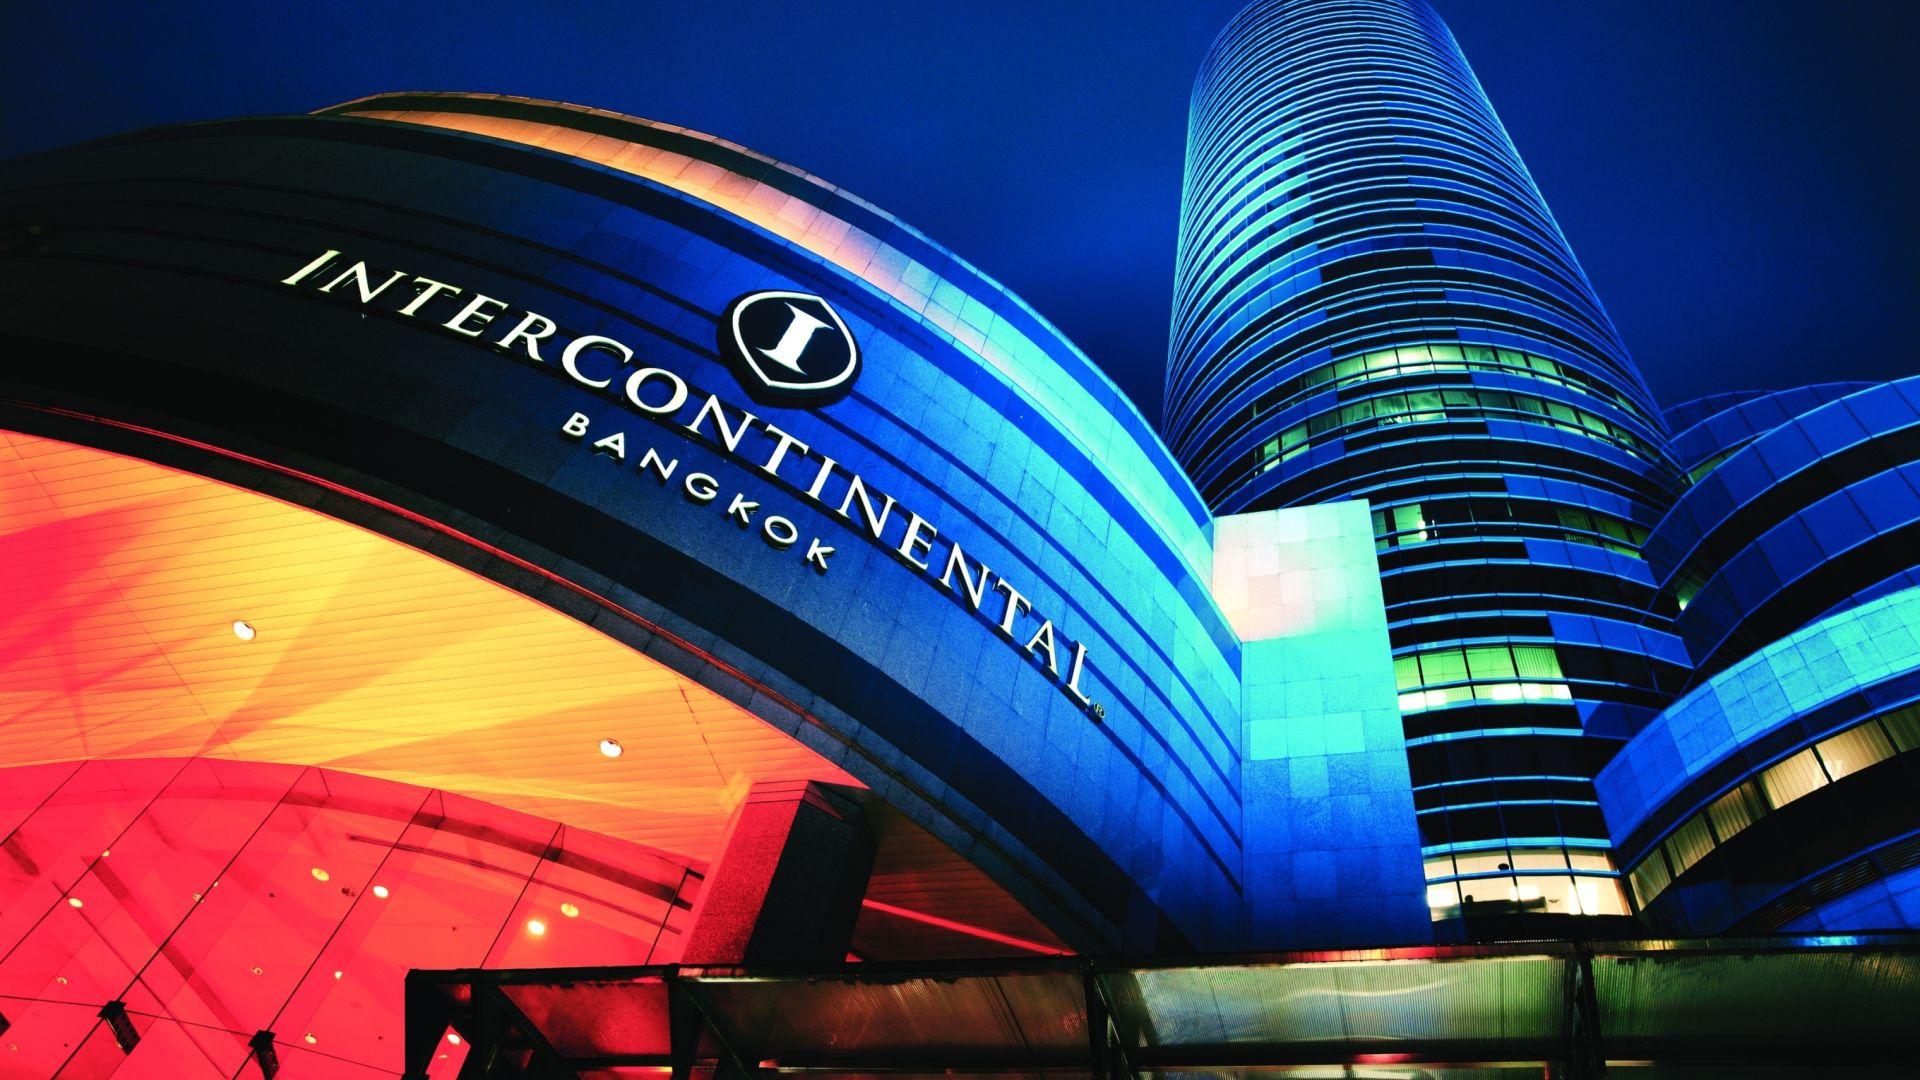 dünyanın en lüks ve pahalı otelleri ınterconational